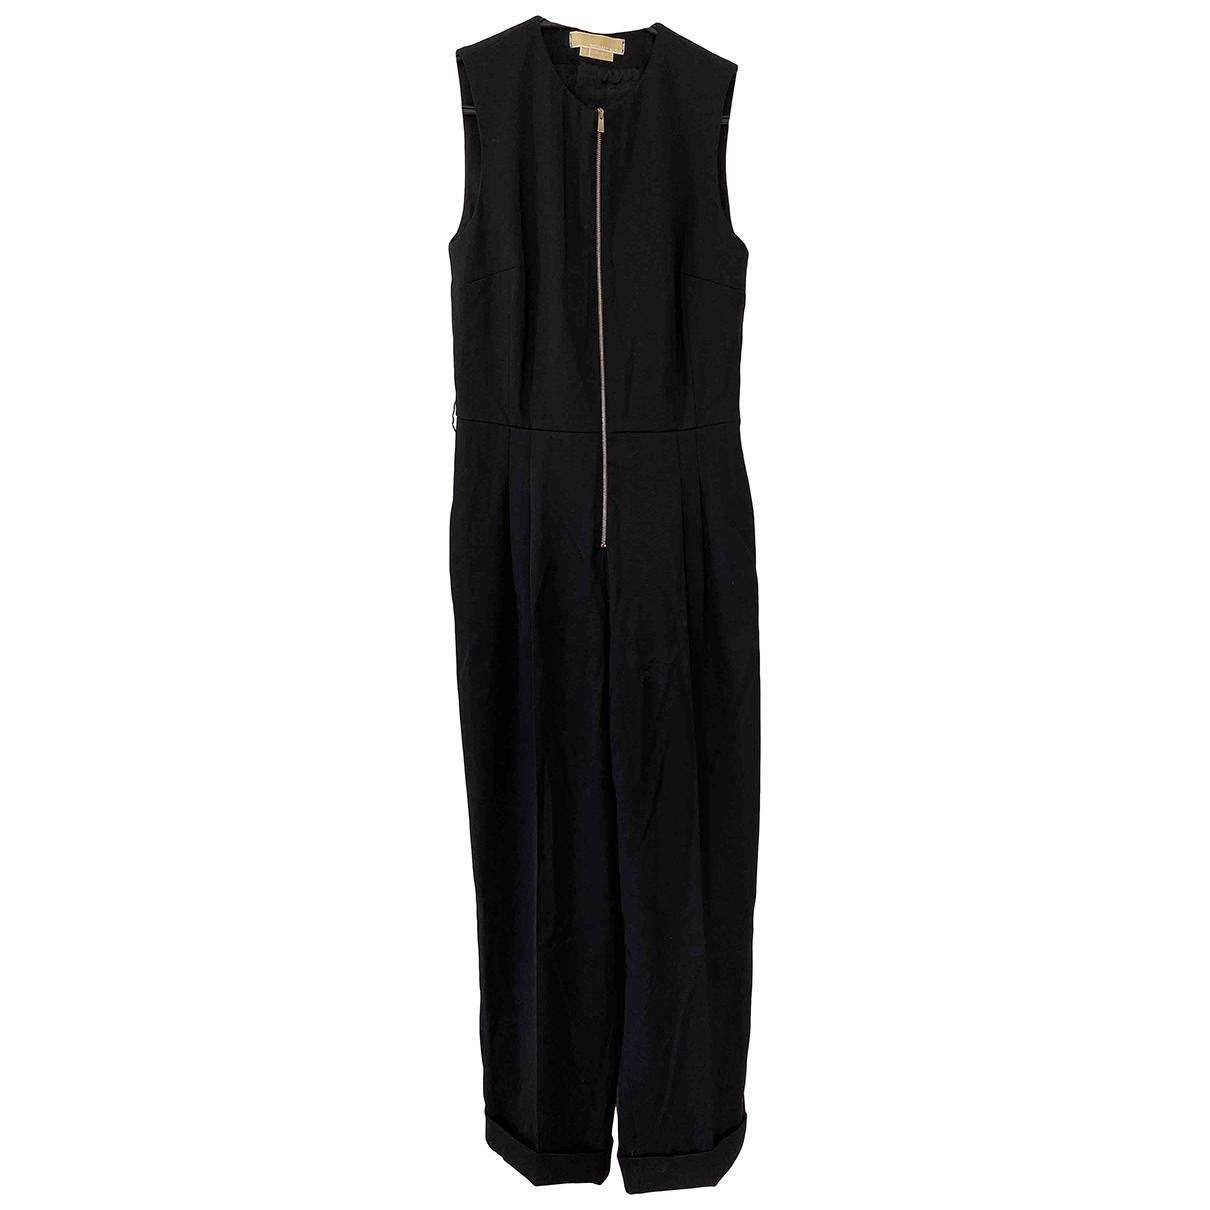 Michael Kors - Combinaison   pour femme en laine - noir